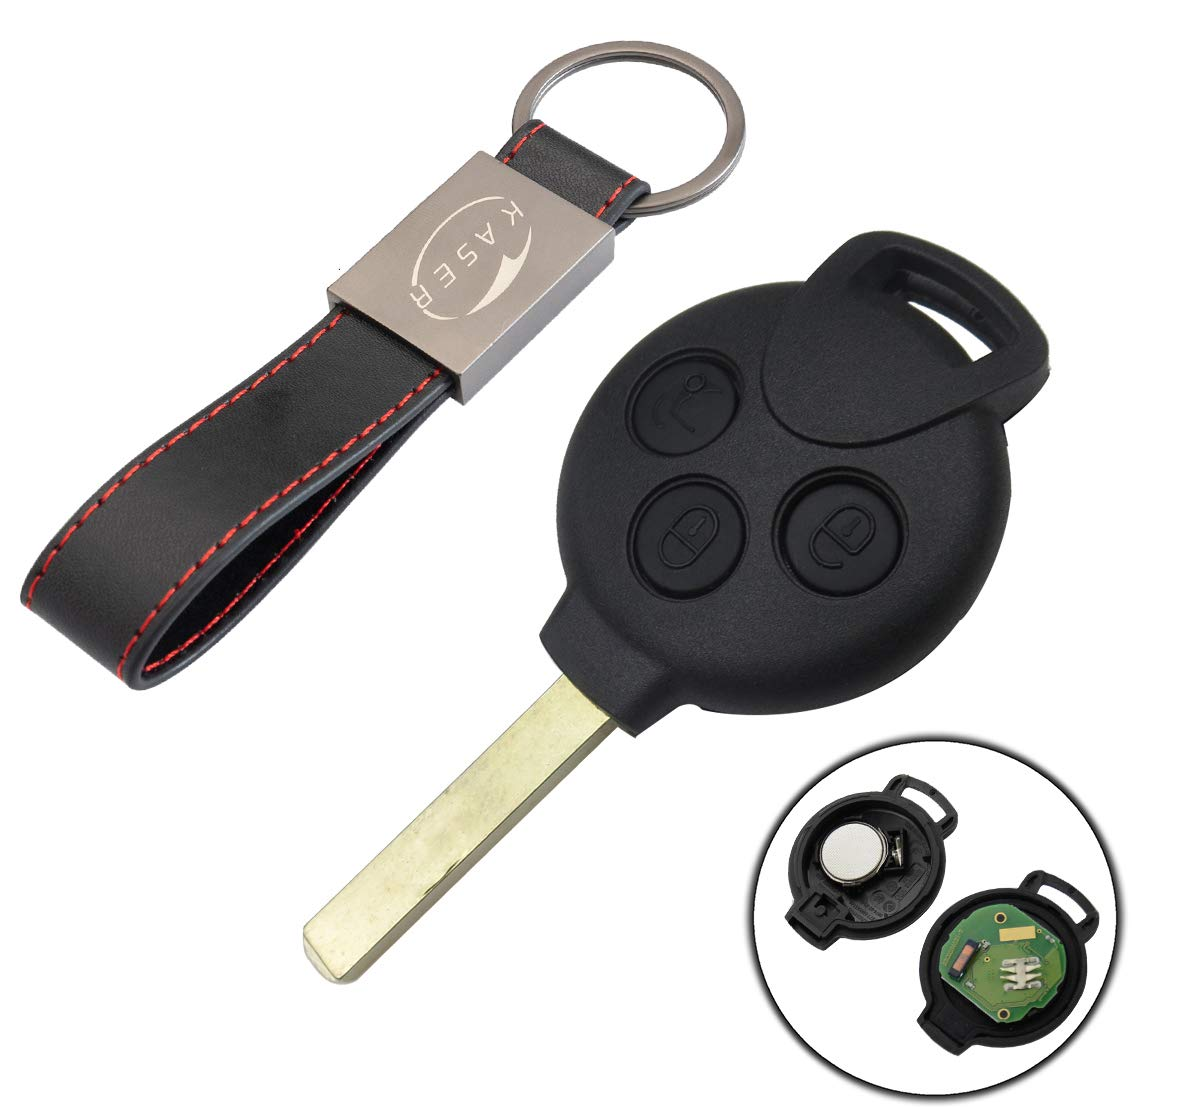 3 Botones para 450 FORTWO FORFOUR Roadster 433MHz Transponder Mando a Distancia Coche con Llavero KASER Llave para Smart con Tarjeta Electr/ónica